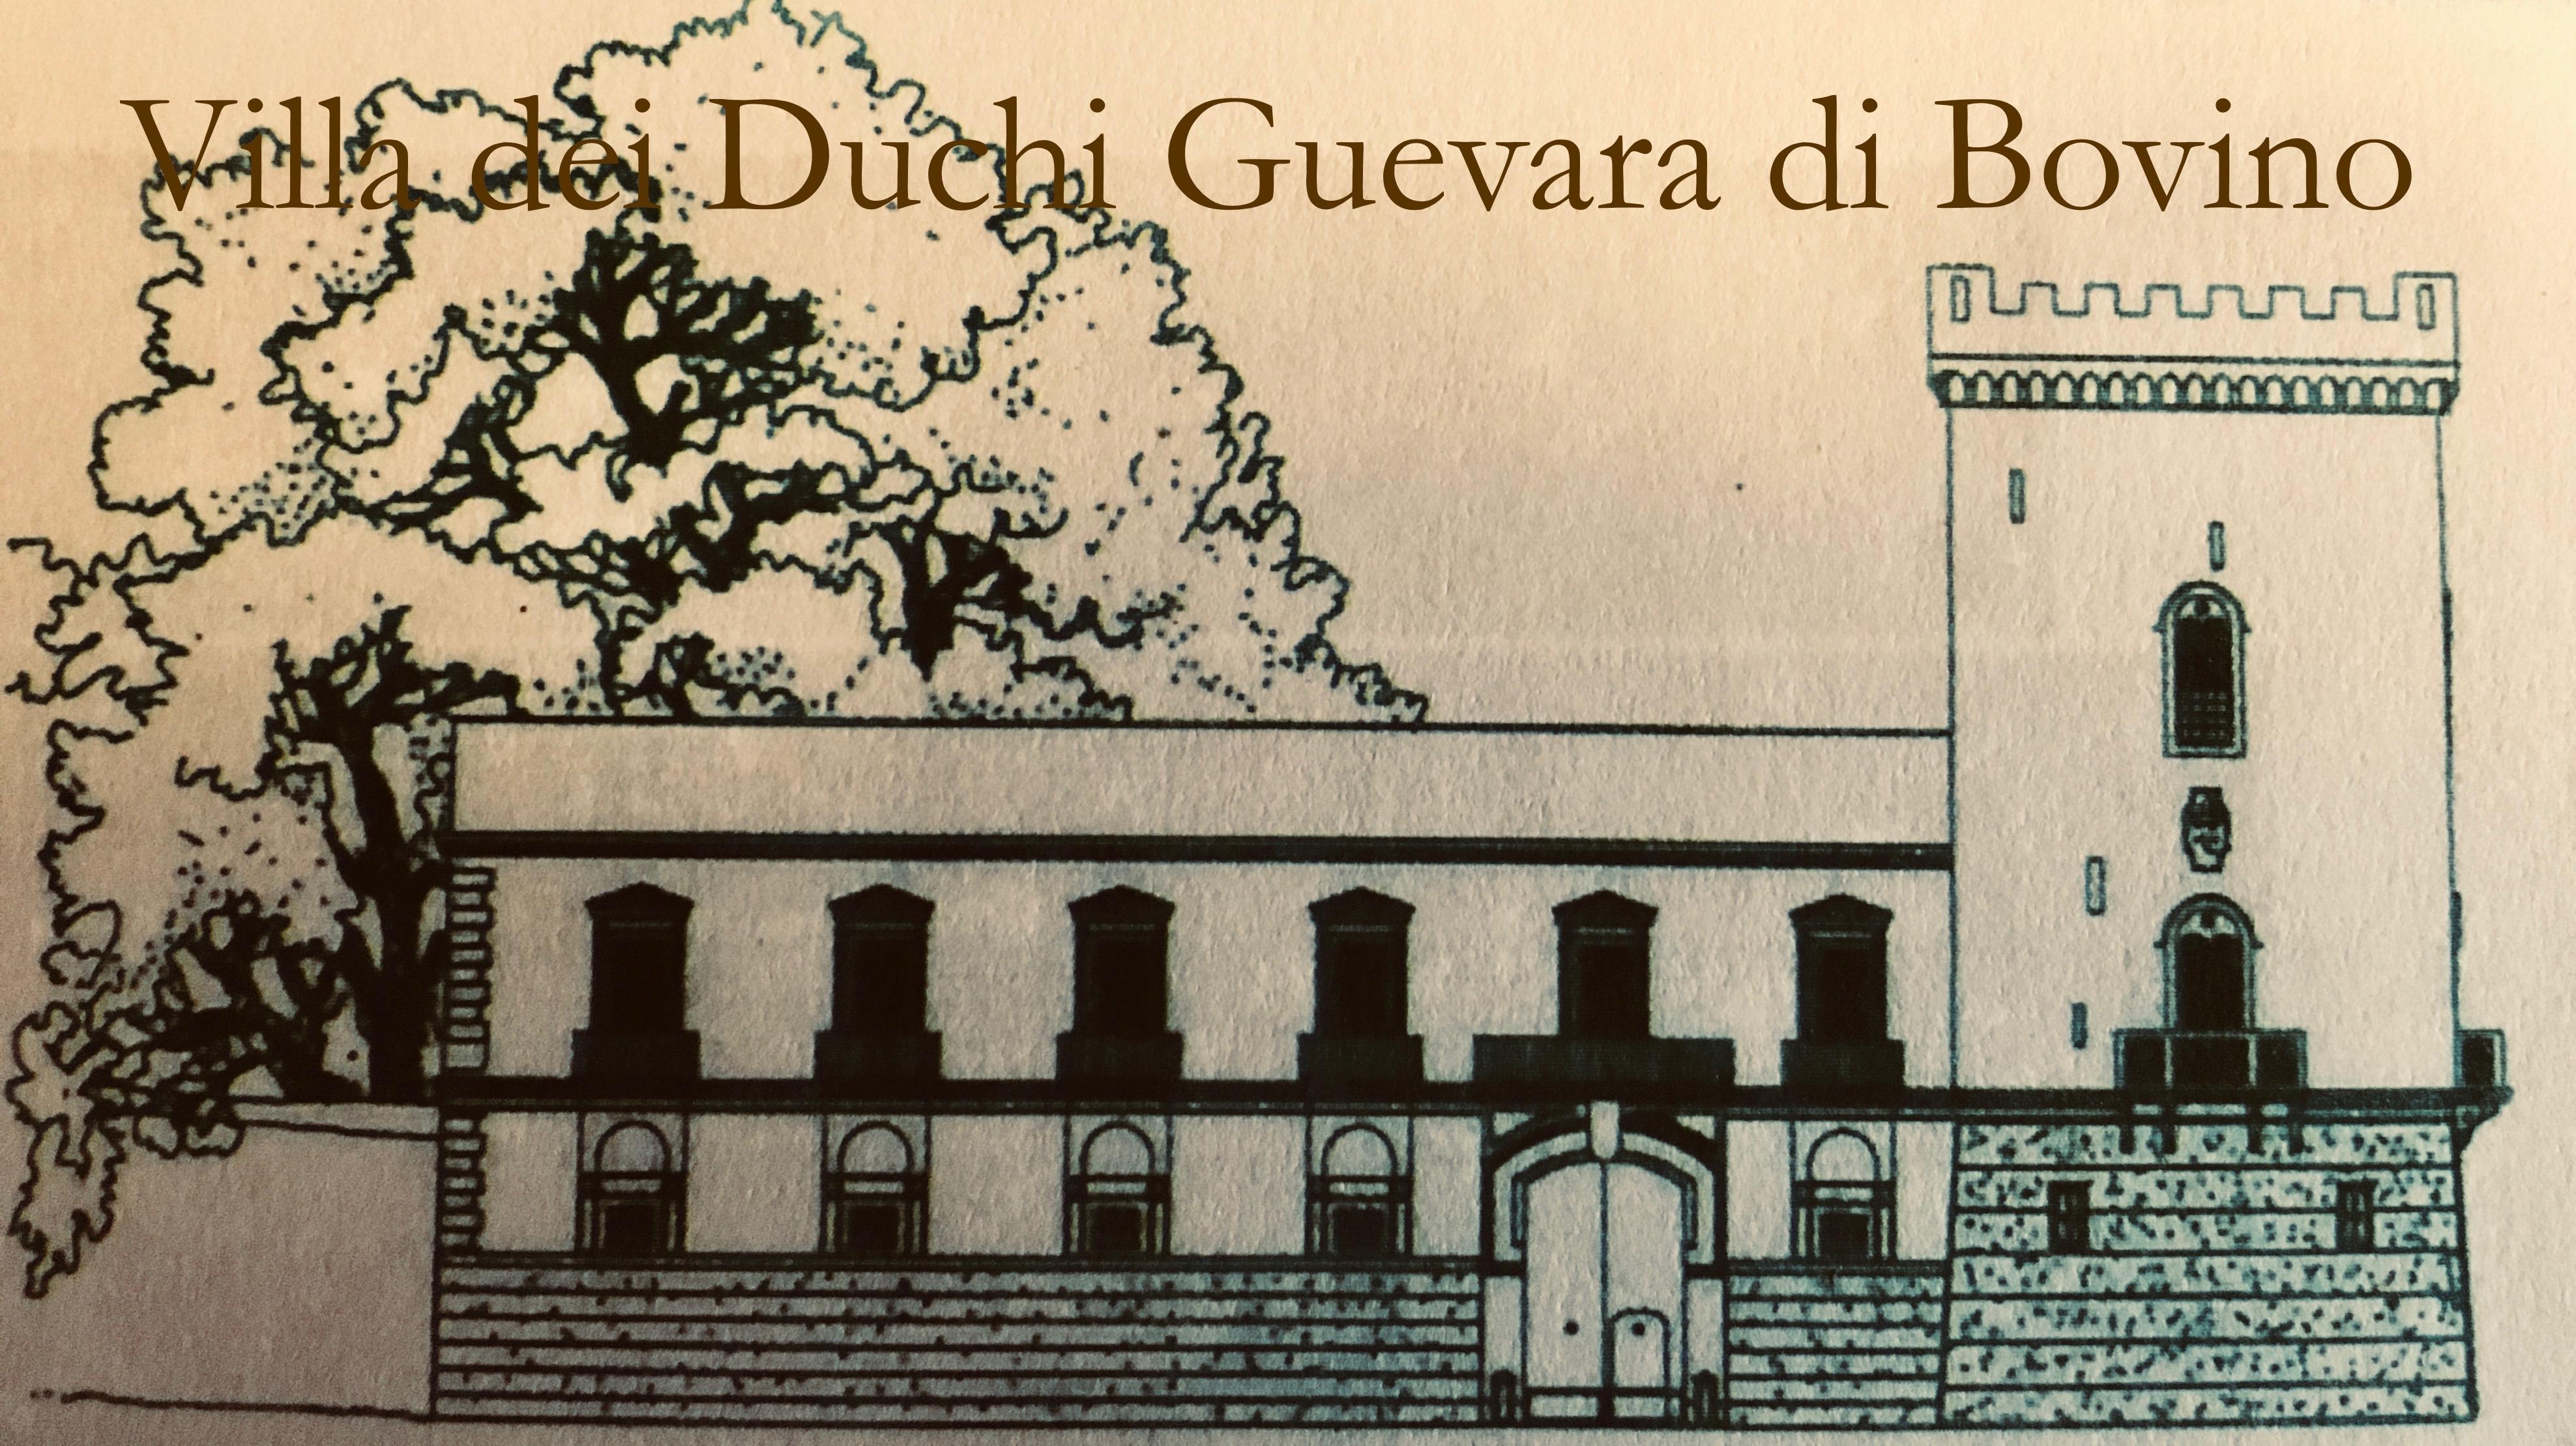 Villa dei Duchi Guevara di Bovino